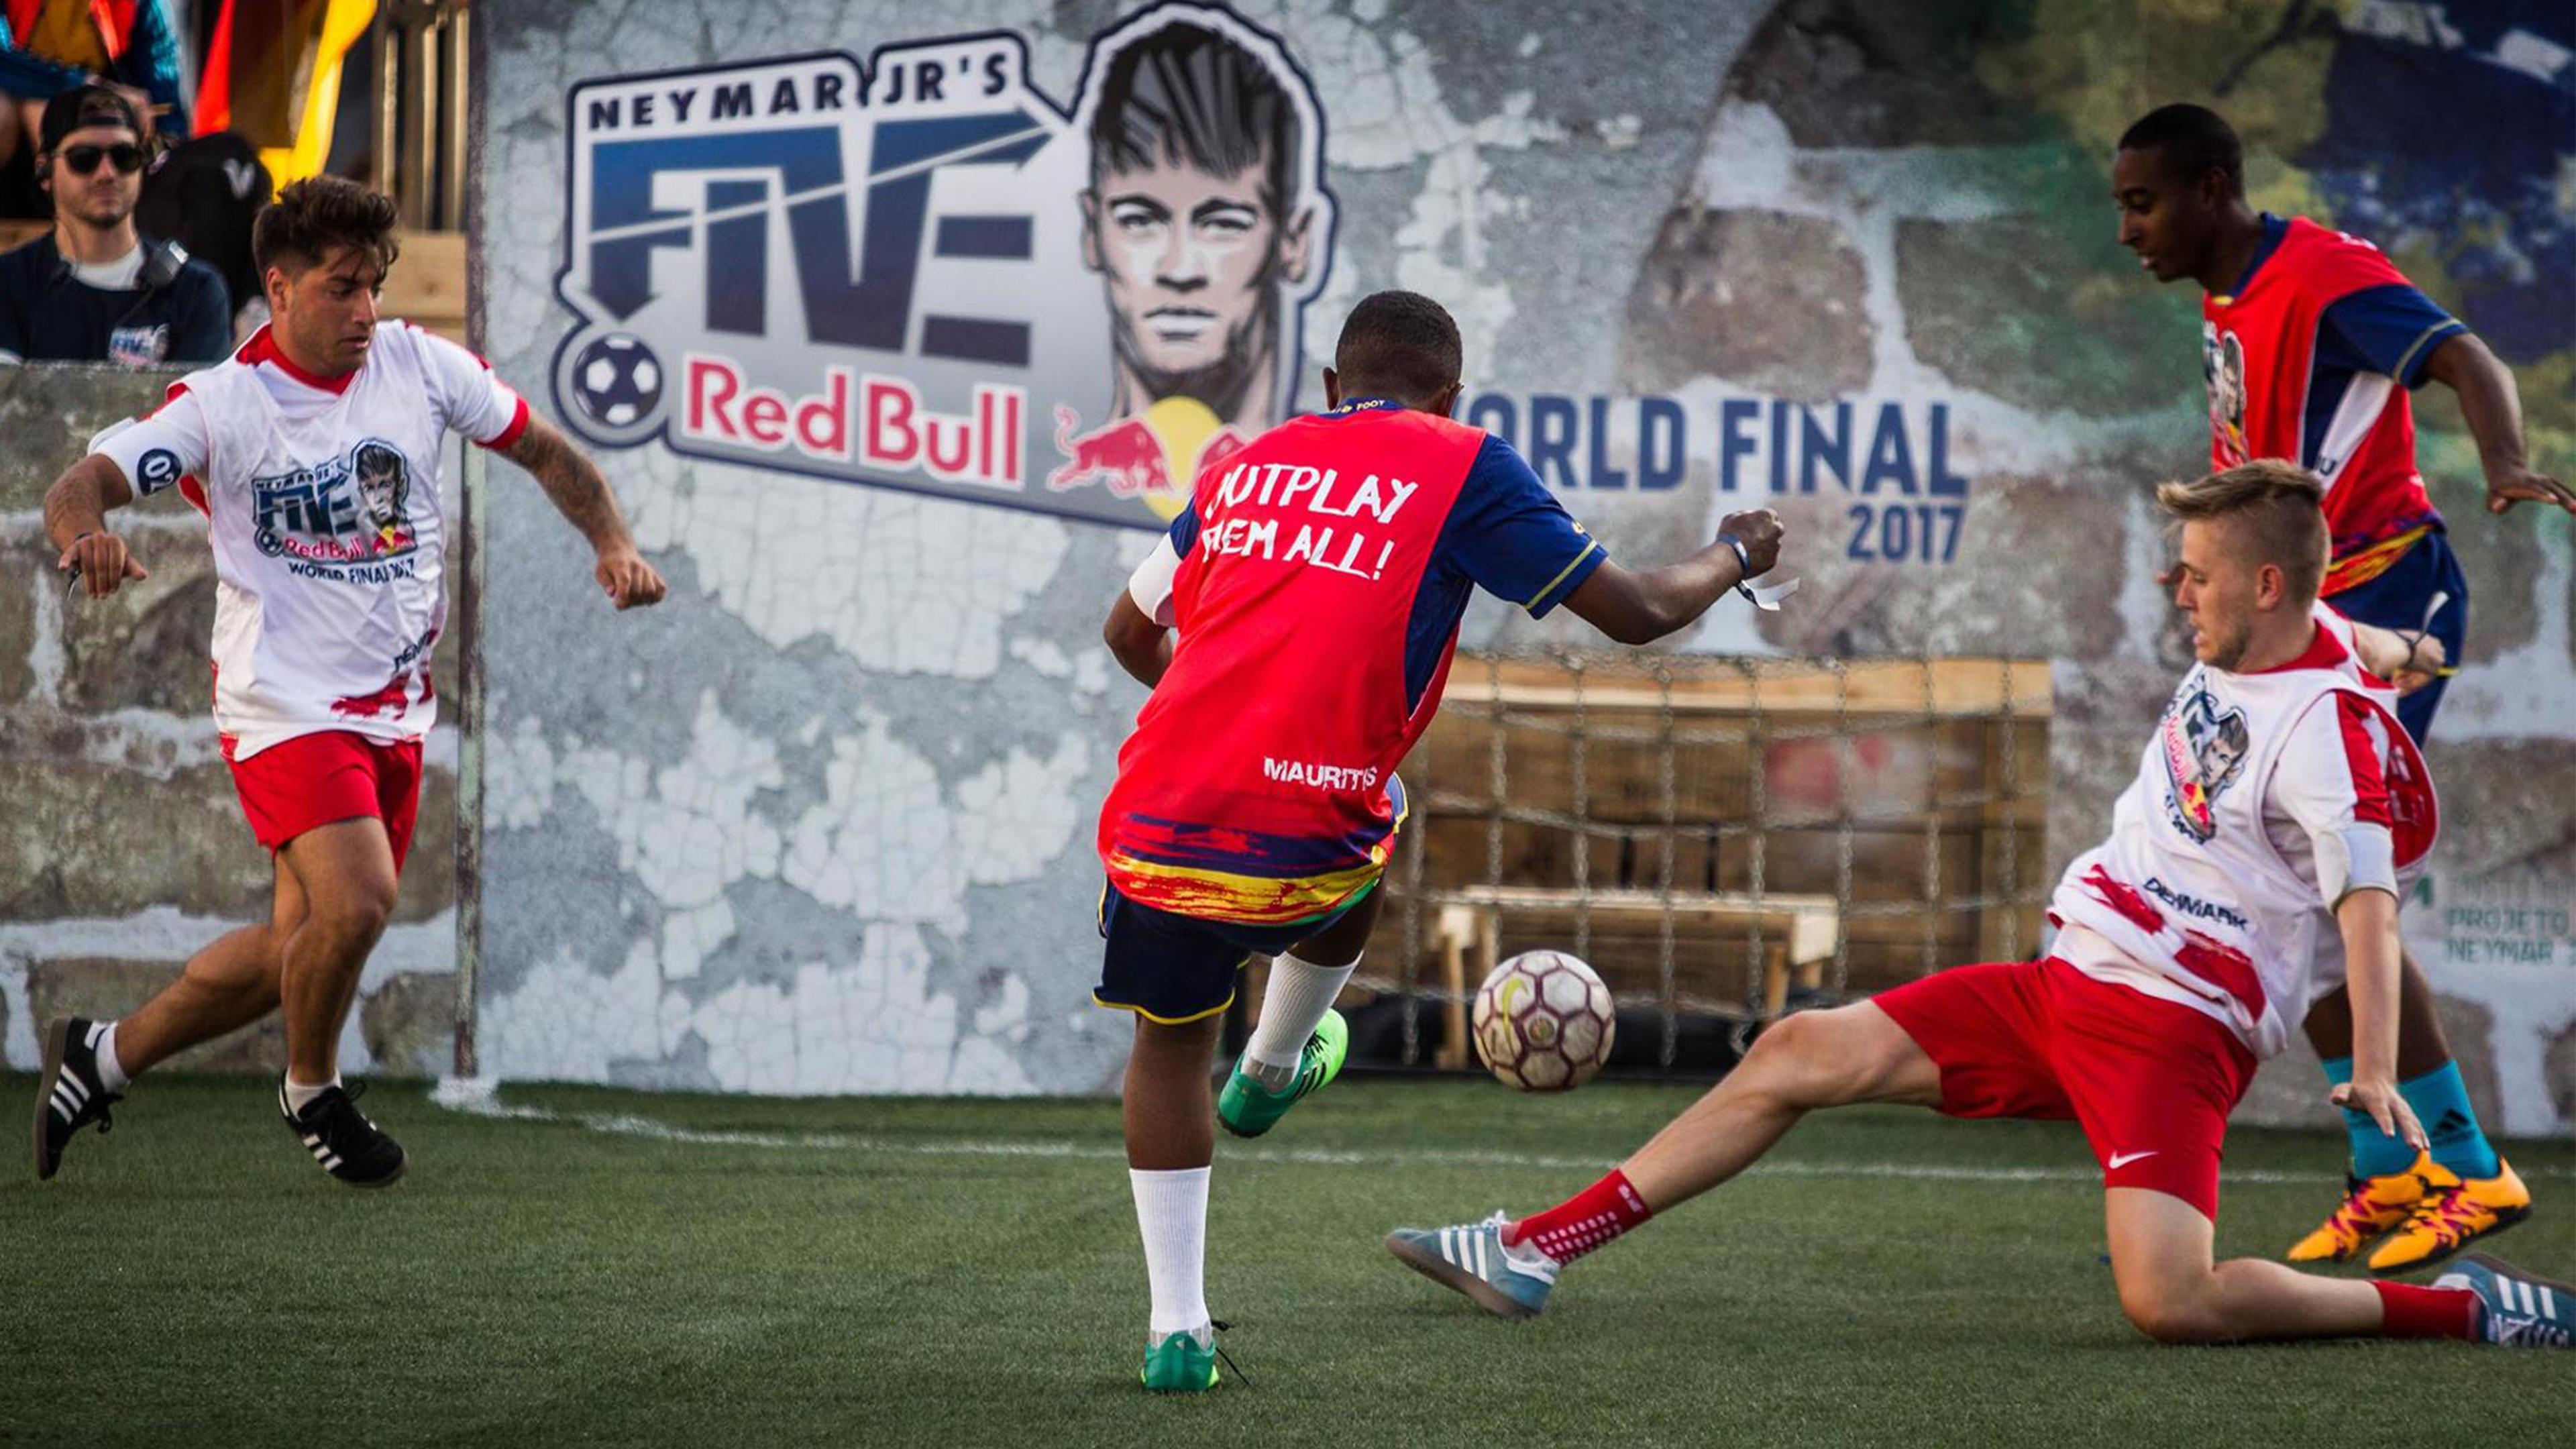 b8d571601 ¿Qué es el Neymar Jr's Five? - CNN Video